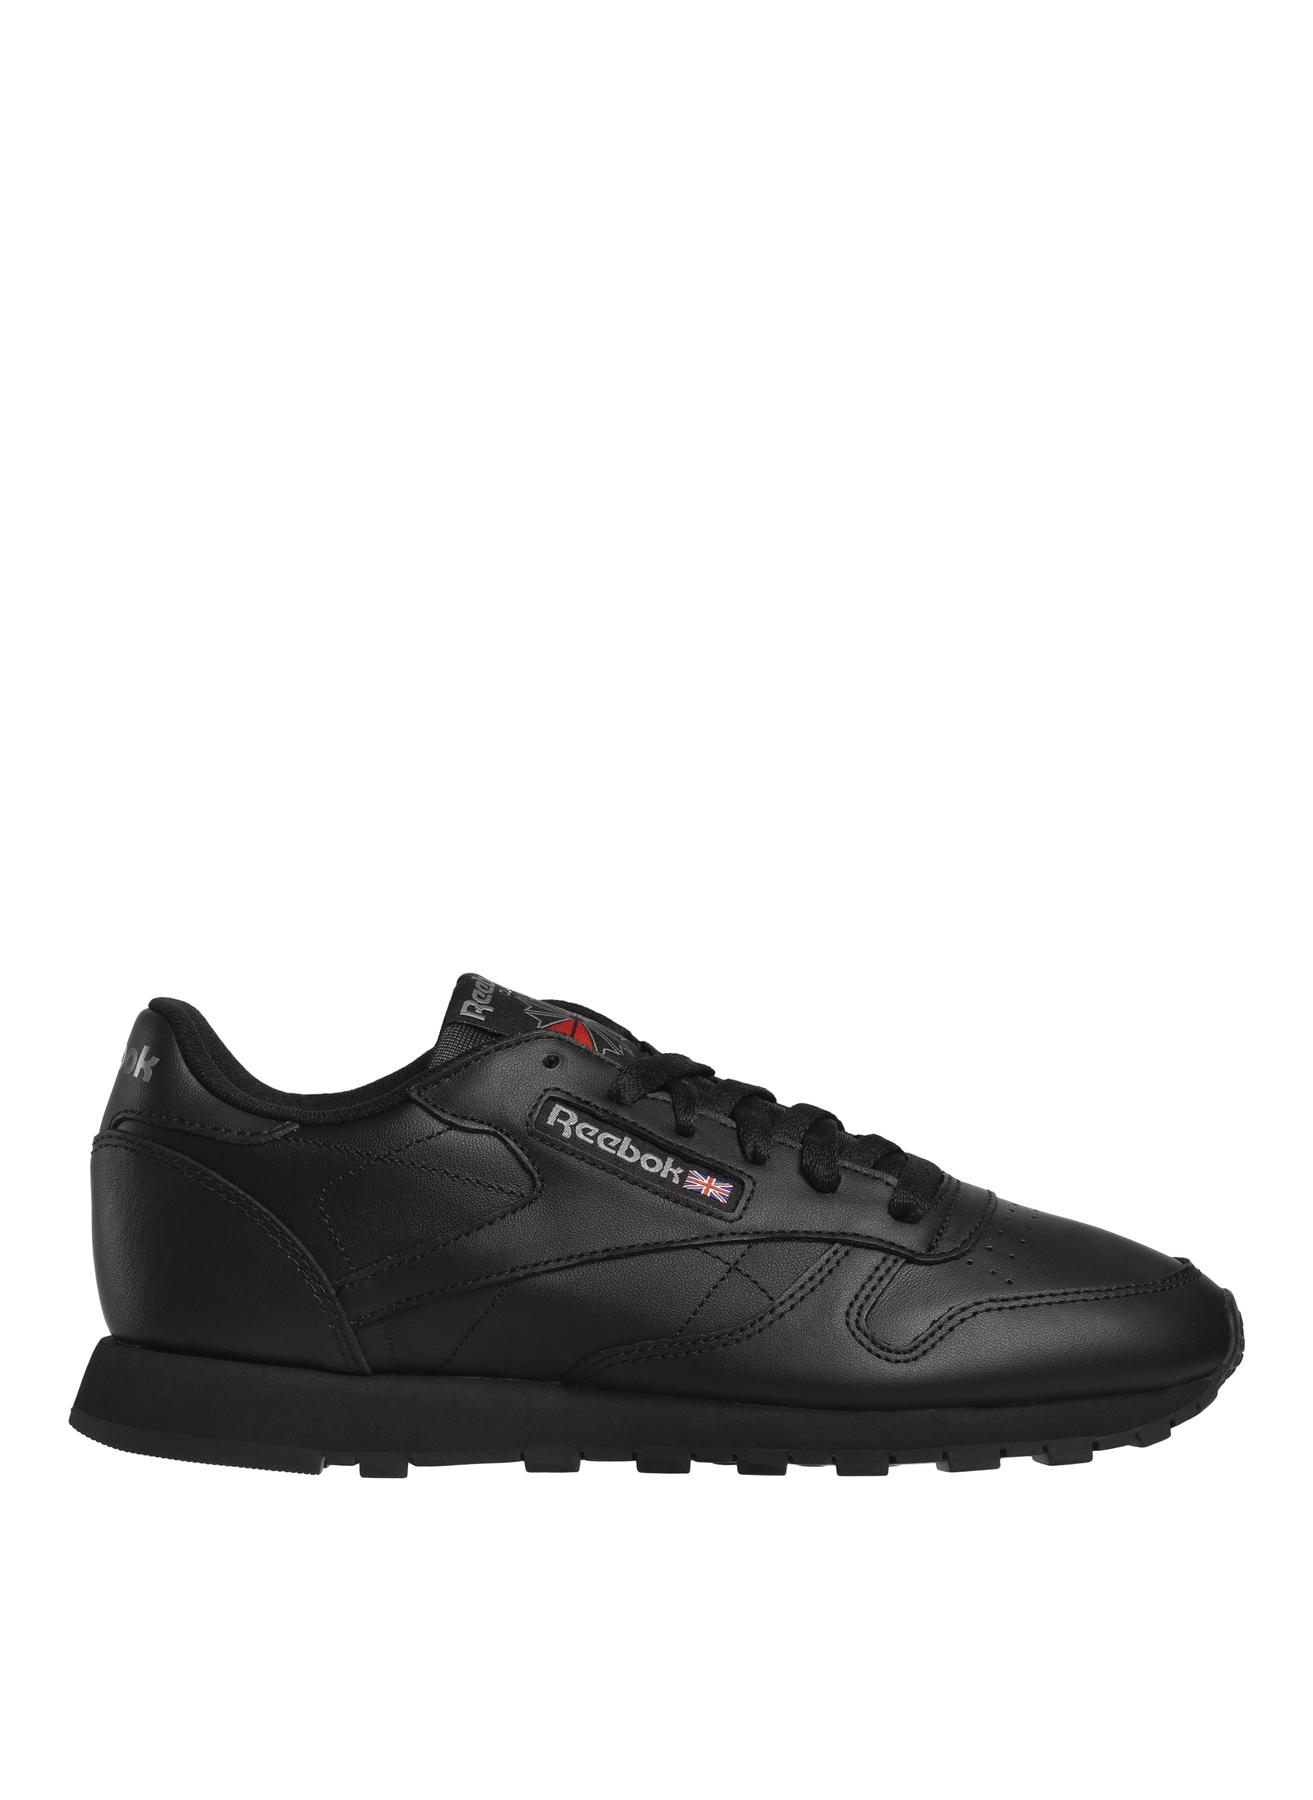 Reebok CL Leather Lıfestyle Ayakkabı 37 5000165205002 Ürün Resmi